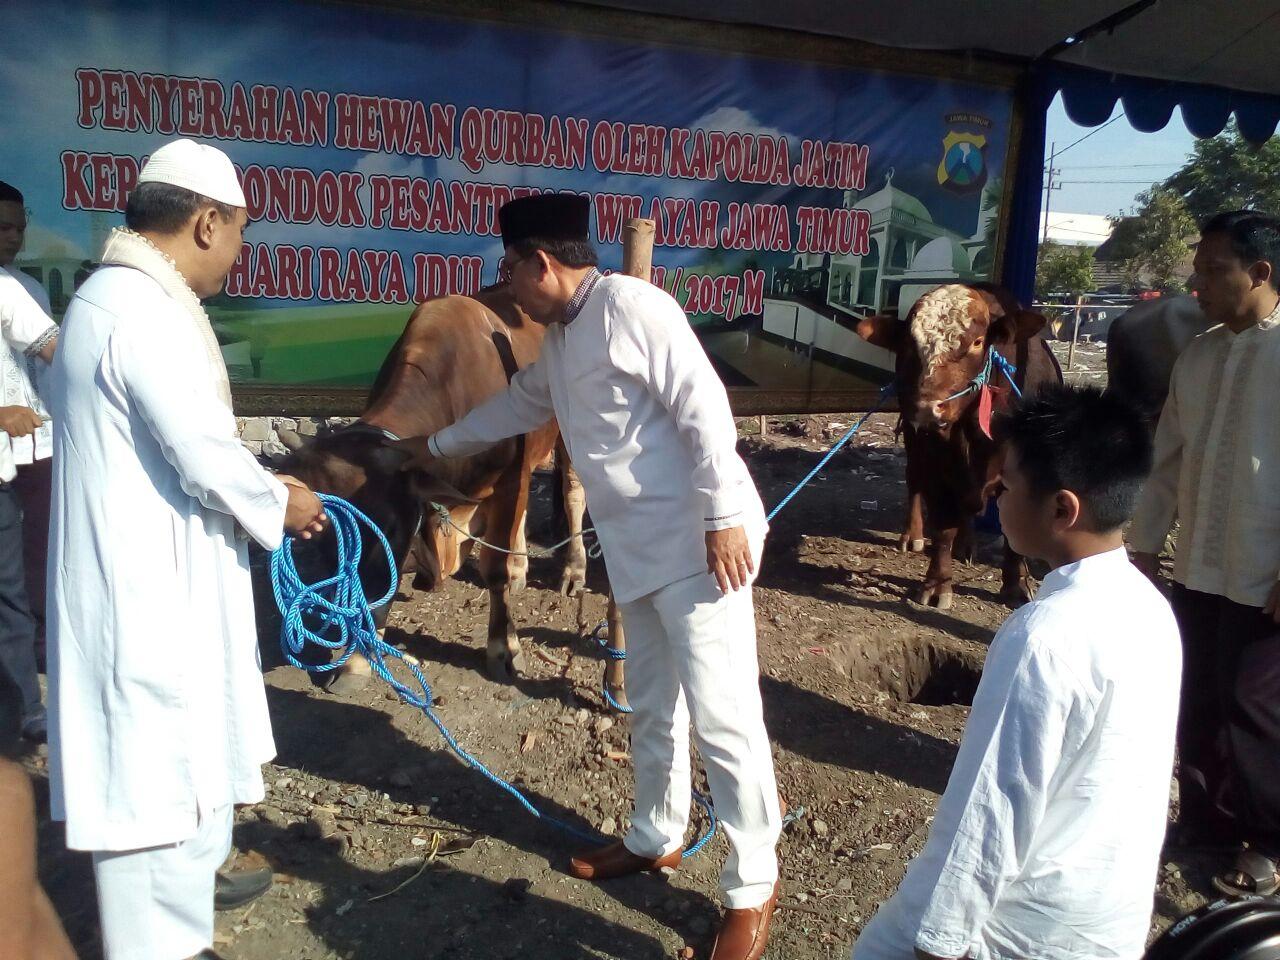 <h5>Idul Adha 1438 H</h5> <h3>Kapolda Bagikan 293 Sapi dan 896 Kambing ke Pesantren se-Jawa Timur</h3>